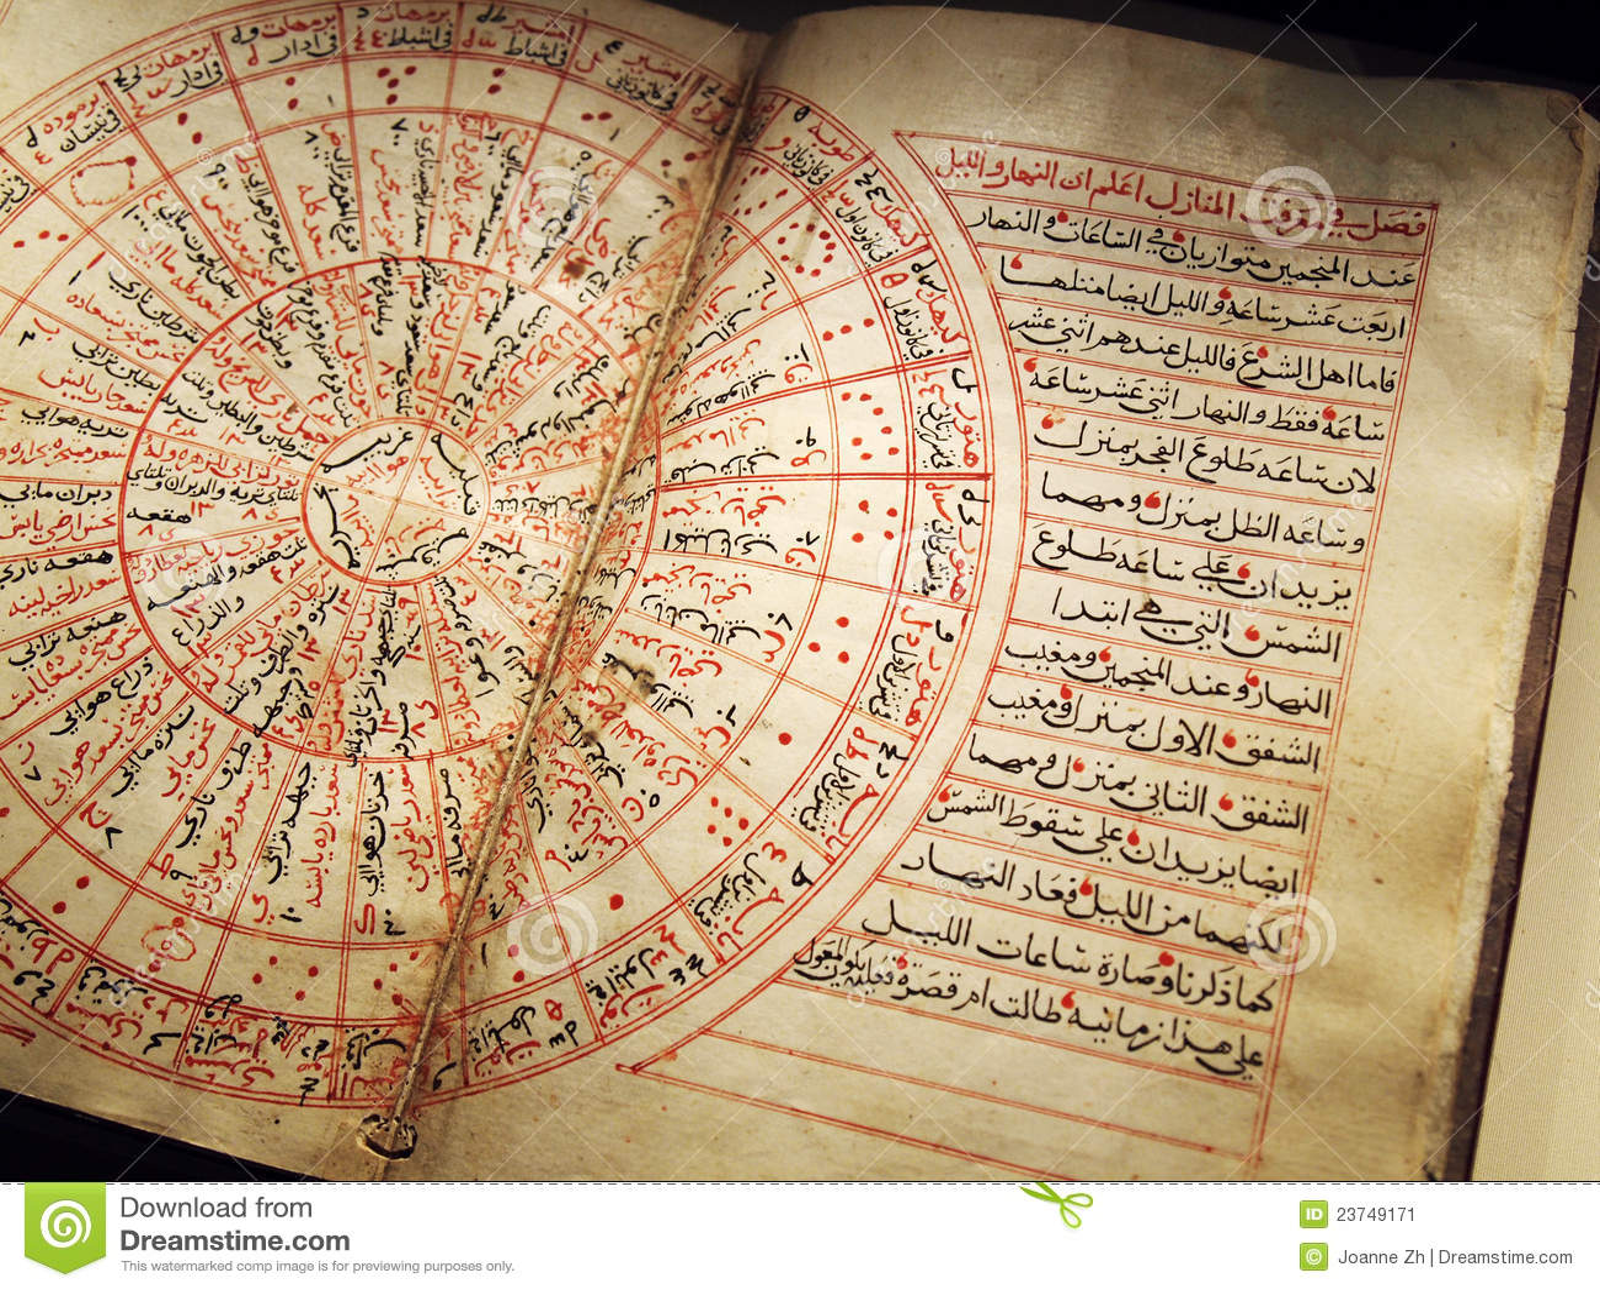 antikes arabisches buch auf astronomie stockbild bild von arabisch araber 23749171. Black Bedroom Furniture Sets. Home Design Ideas